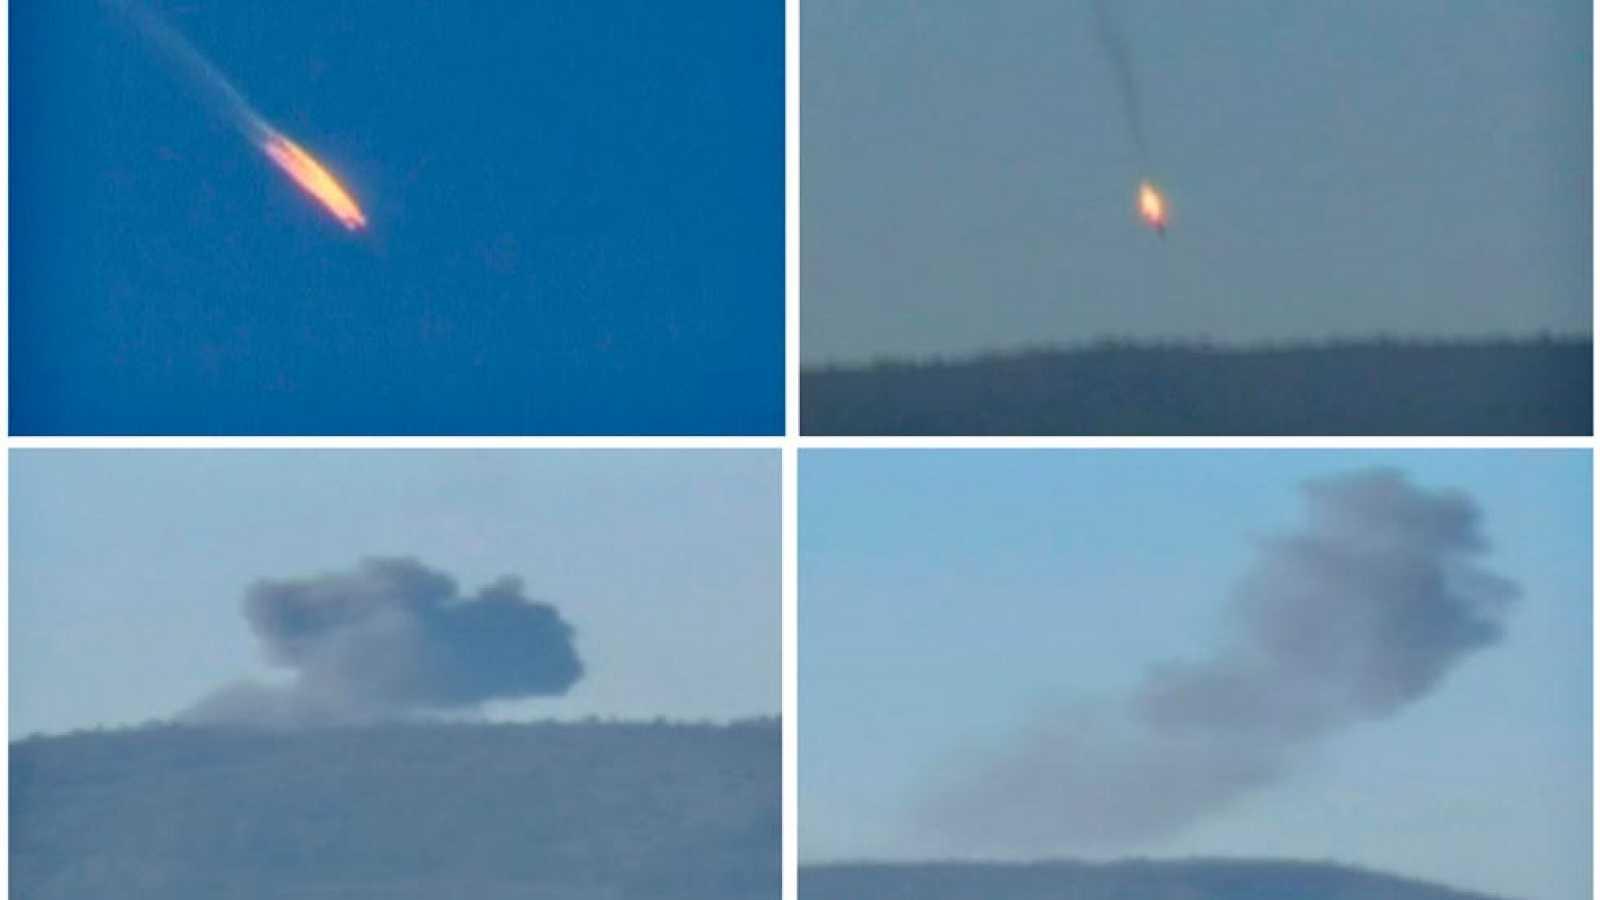 Turquía derriba un avión ruso de la campaña en Siria y la tensión se dispara entre ambos países